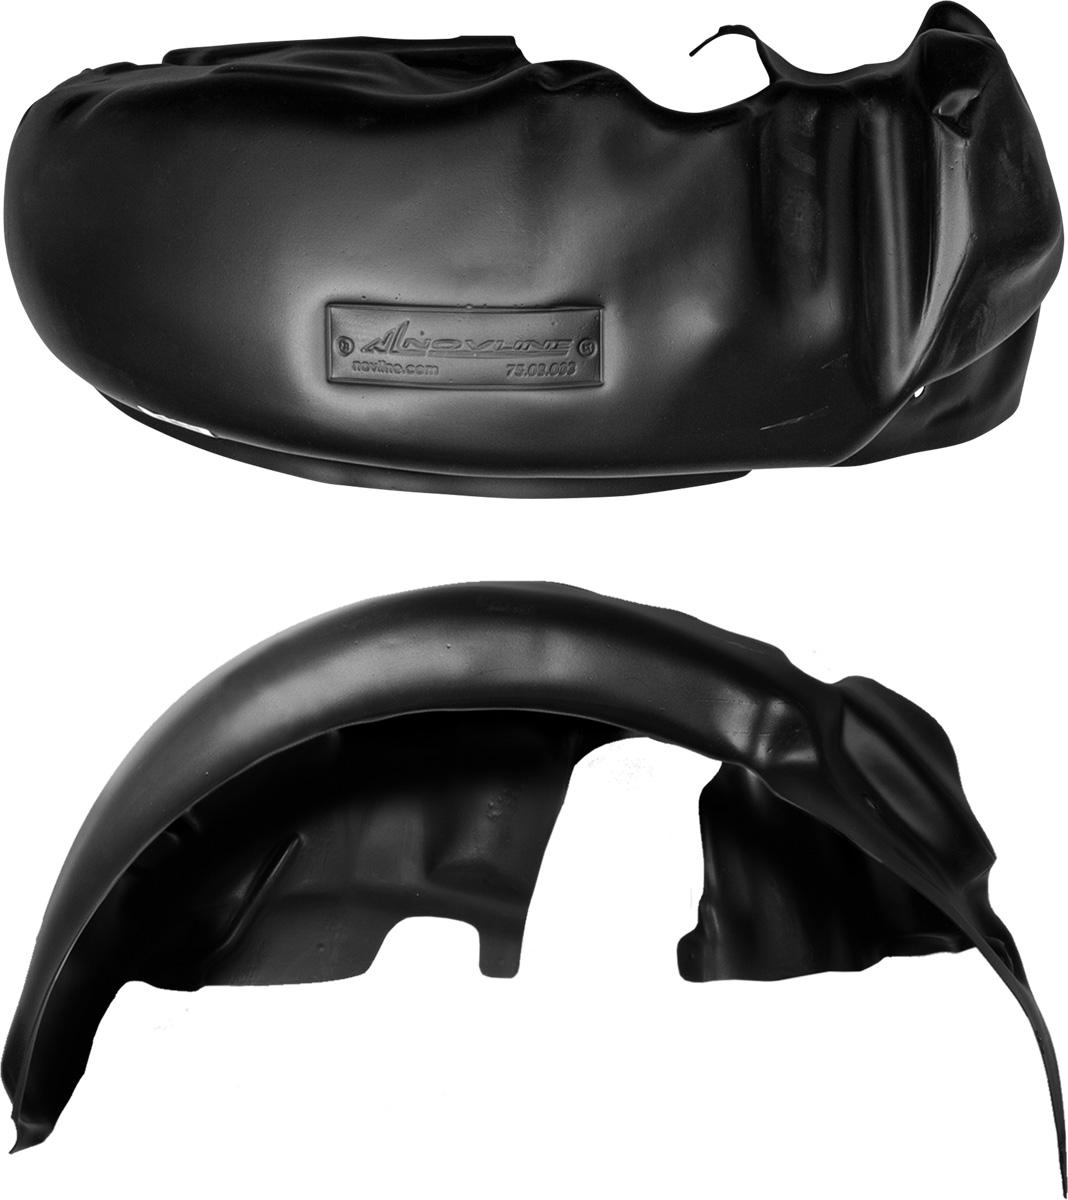 Подкрылок Novline-Autofamily, для Mitsubishi Pajero IV, 2006->, передний правыйNLL.35.16.002Колесные ниши - одни из самых уязвимых зон днища вашего автомобиля. Они постоянно подвергаются воздействию со стороны дороги. Лучшая, почти абсолютная защита для них - специально отформованные пластиковые кожухи, которые называются подкрылками. Производятся они как для отечественных моделей автомобилей, так и для иномарок. Подкрылки Novline-Autofamily выполнены из высококачественного, экологически чистого пластика. Обеспечивают надежную защиту кузова автомобиля от пескоструйного эффекта и негативного влияния, агрессивных антигололедных реагентов. Пластик обладает более низкой теплопроводностью, чем металл, поэтому в зимний период эксплуатации использование пластиковых подкрылков позволяет лучше защитить колесные ниши от налипания снега и образования наледи. Оригинальность конструкции подчеркивает элегантность автомобиля, бережно защищает нанесенное на днище кузова антикоррозийное покрытие и позволяет осуществить крепление подкрылков внутри колесной арки практически без дополнительного крепежа и сверления, не нарушая при этом лакокрасочного покрытия, что предотвращает возникновение новых очагов коррозии. Подкрылки долговечны, обладают высокой прочностью и сохраняют заданную форму, а также все свои физико-механические характеристики в самых тяжелых климатических условиях (от -50°С до +50°С).Уважаемые клиенты!Обращаем ваше внимание, на тот факт, что подкрылок имеет форму, соответствующую модели данного автомобиля. Фото служит для визуального восприятия товара.